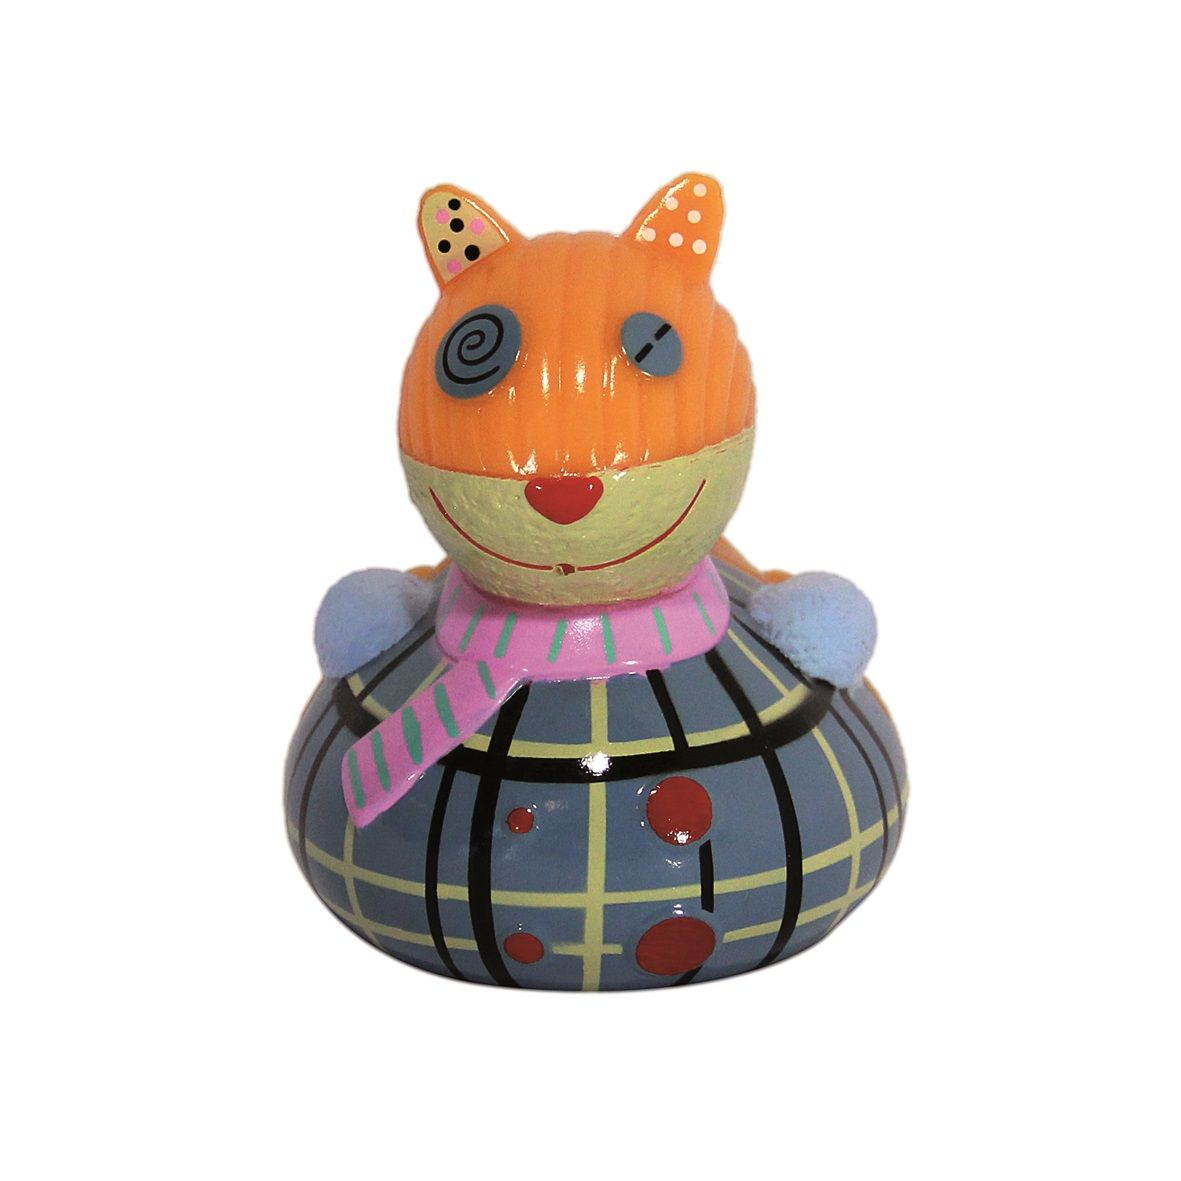 Pato de Banho Ronronos, o Gato Deglingos